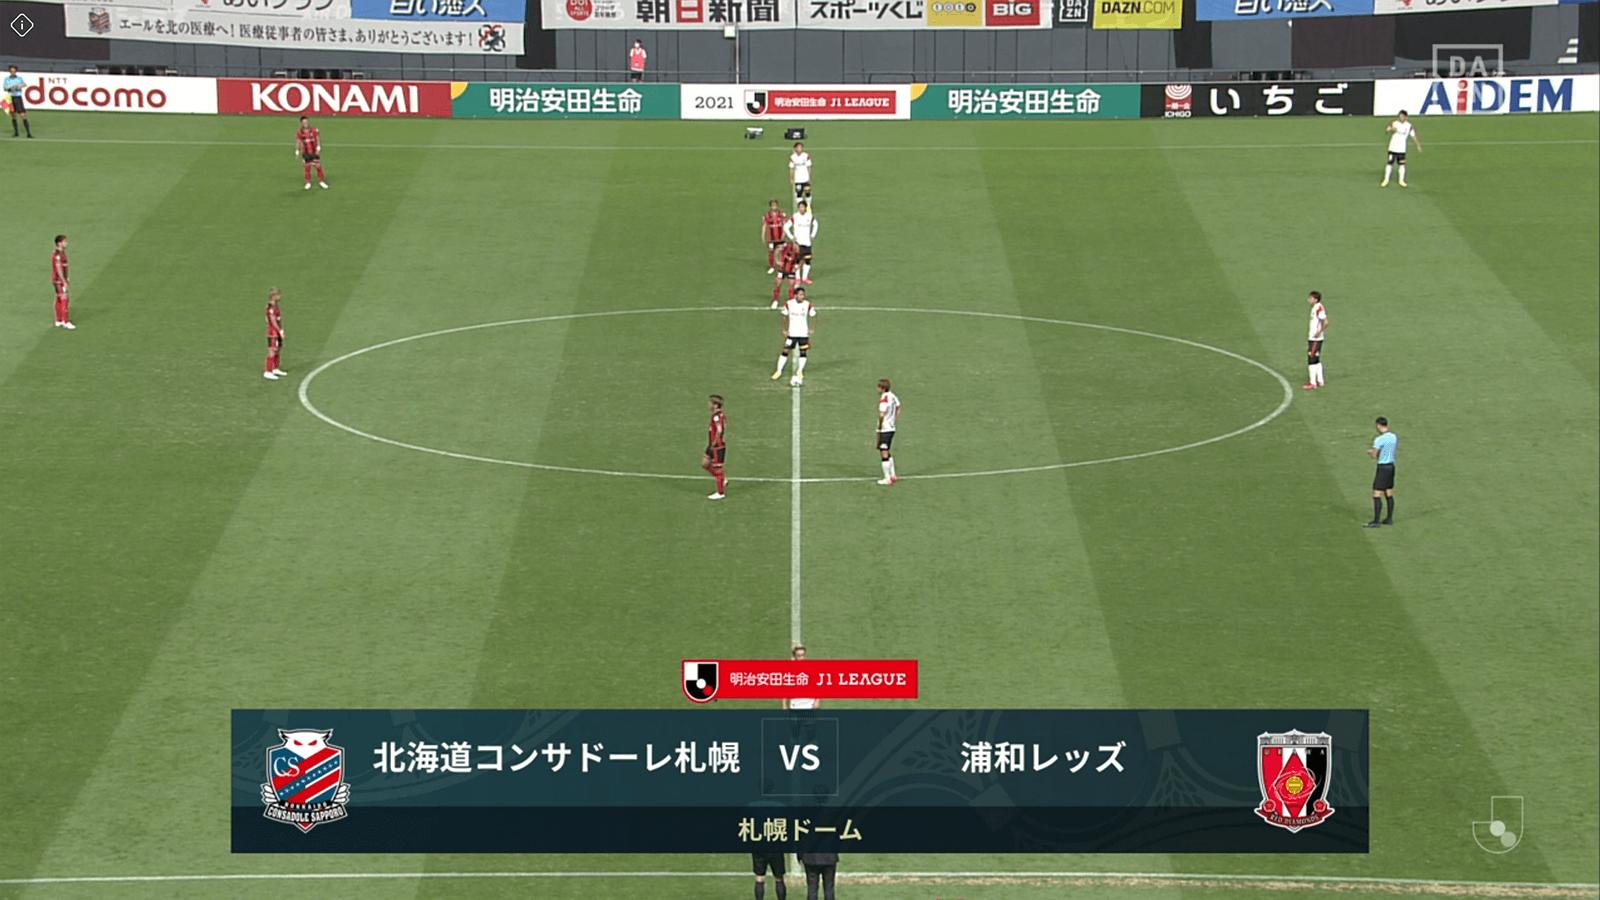 2021 Jリーグ 第23節 札幌ドーム アウェー 北海道コンサドーレ札幌戦